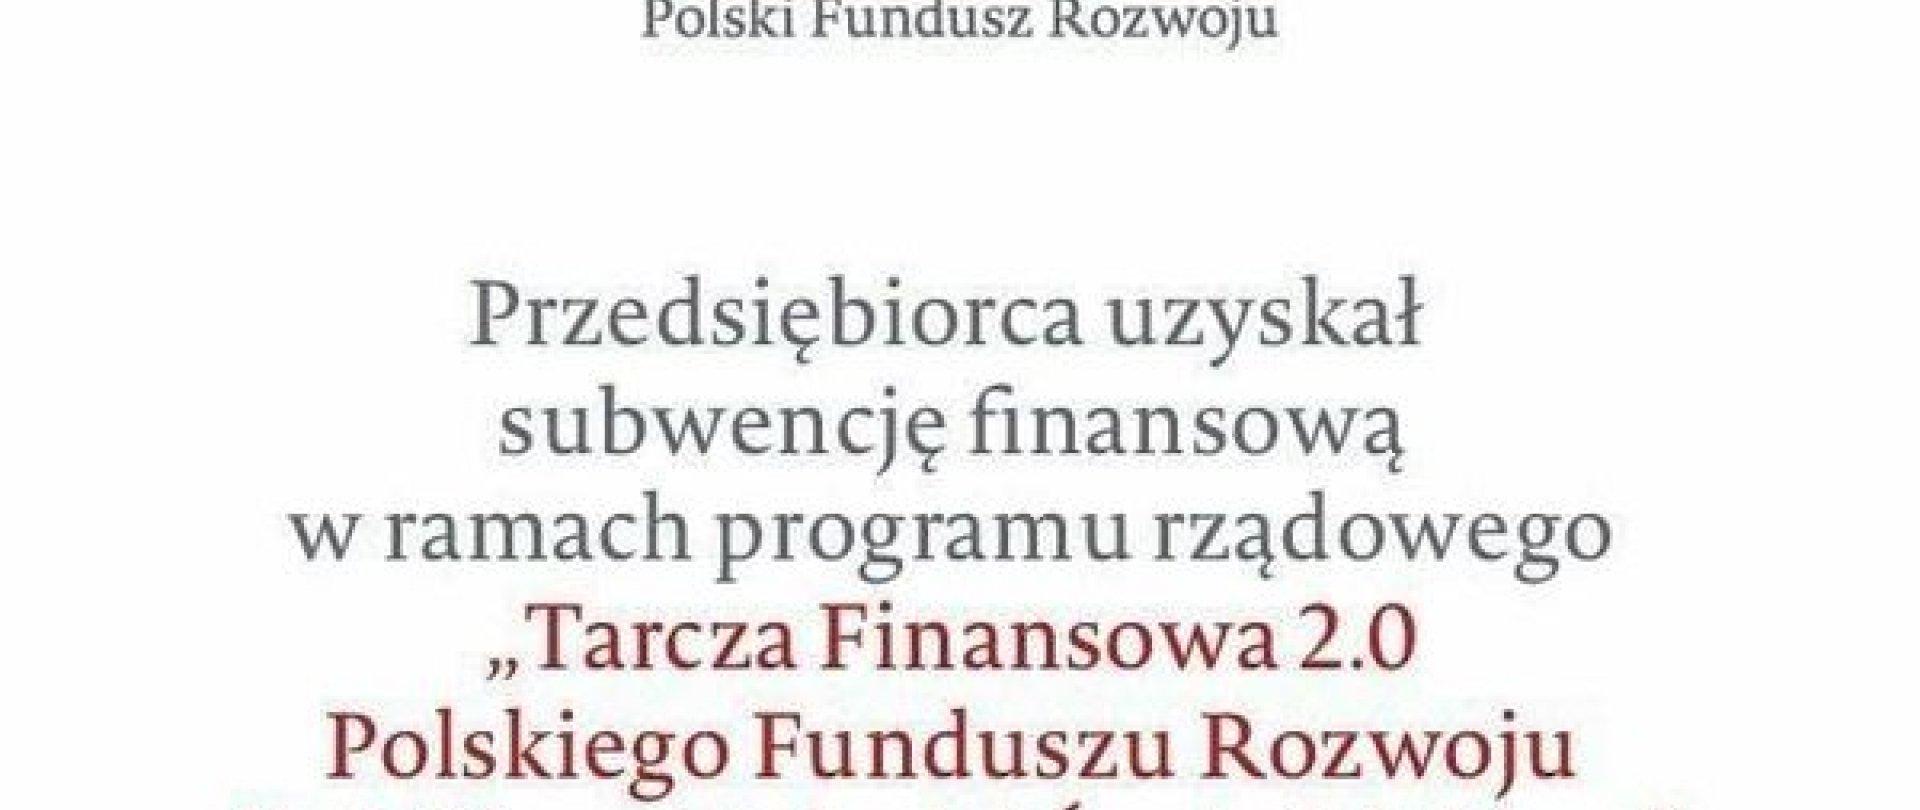 Hotel Witek uzyskał subwencję finansową